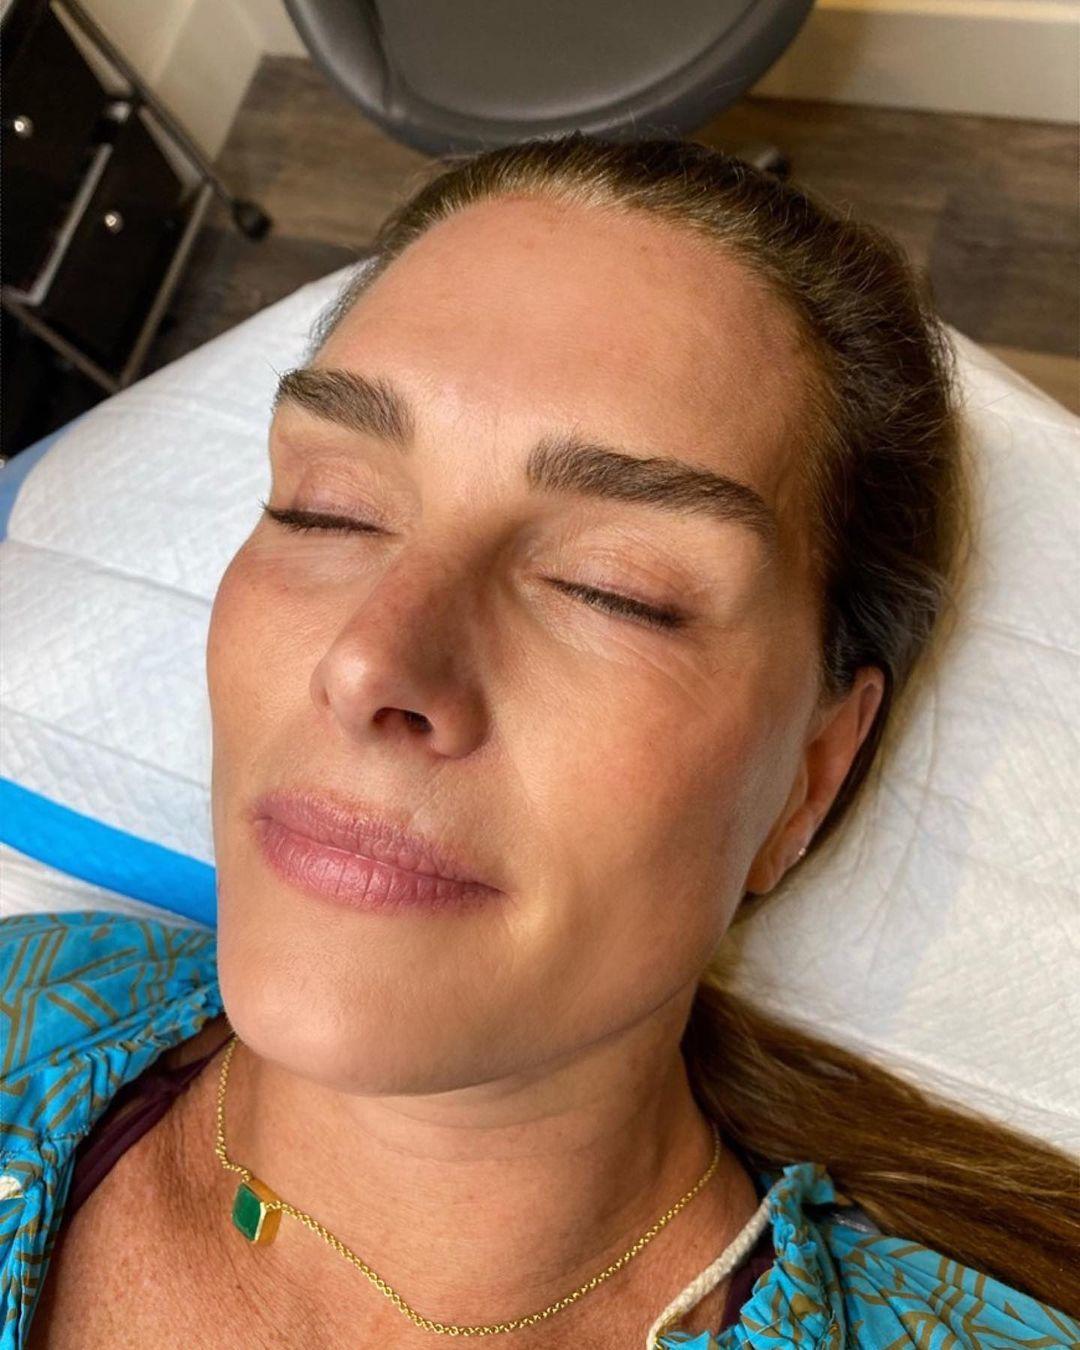 Antes del laminado de cejas, Brooke liene unas cejas más finas y despeinadas.